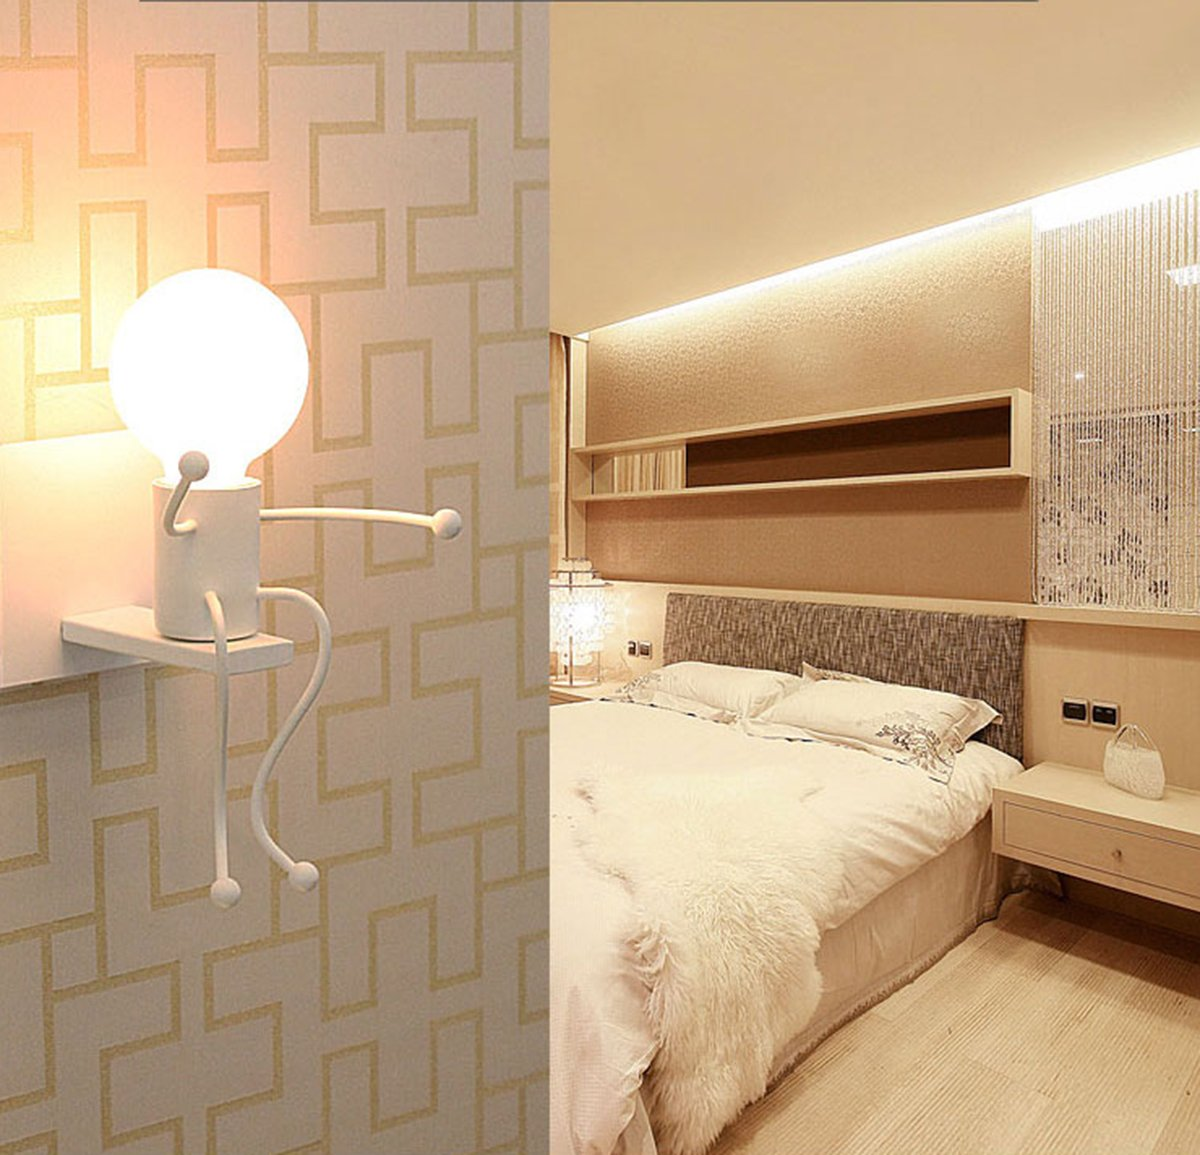 E27 Lampe Murale Applique Murale Couloir de la lampe Miroir lampe luminaire Couloir de la lampe pour Couloir Toilettes la chambre /à coucher Loft Chambre /à coucher Office Home